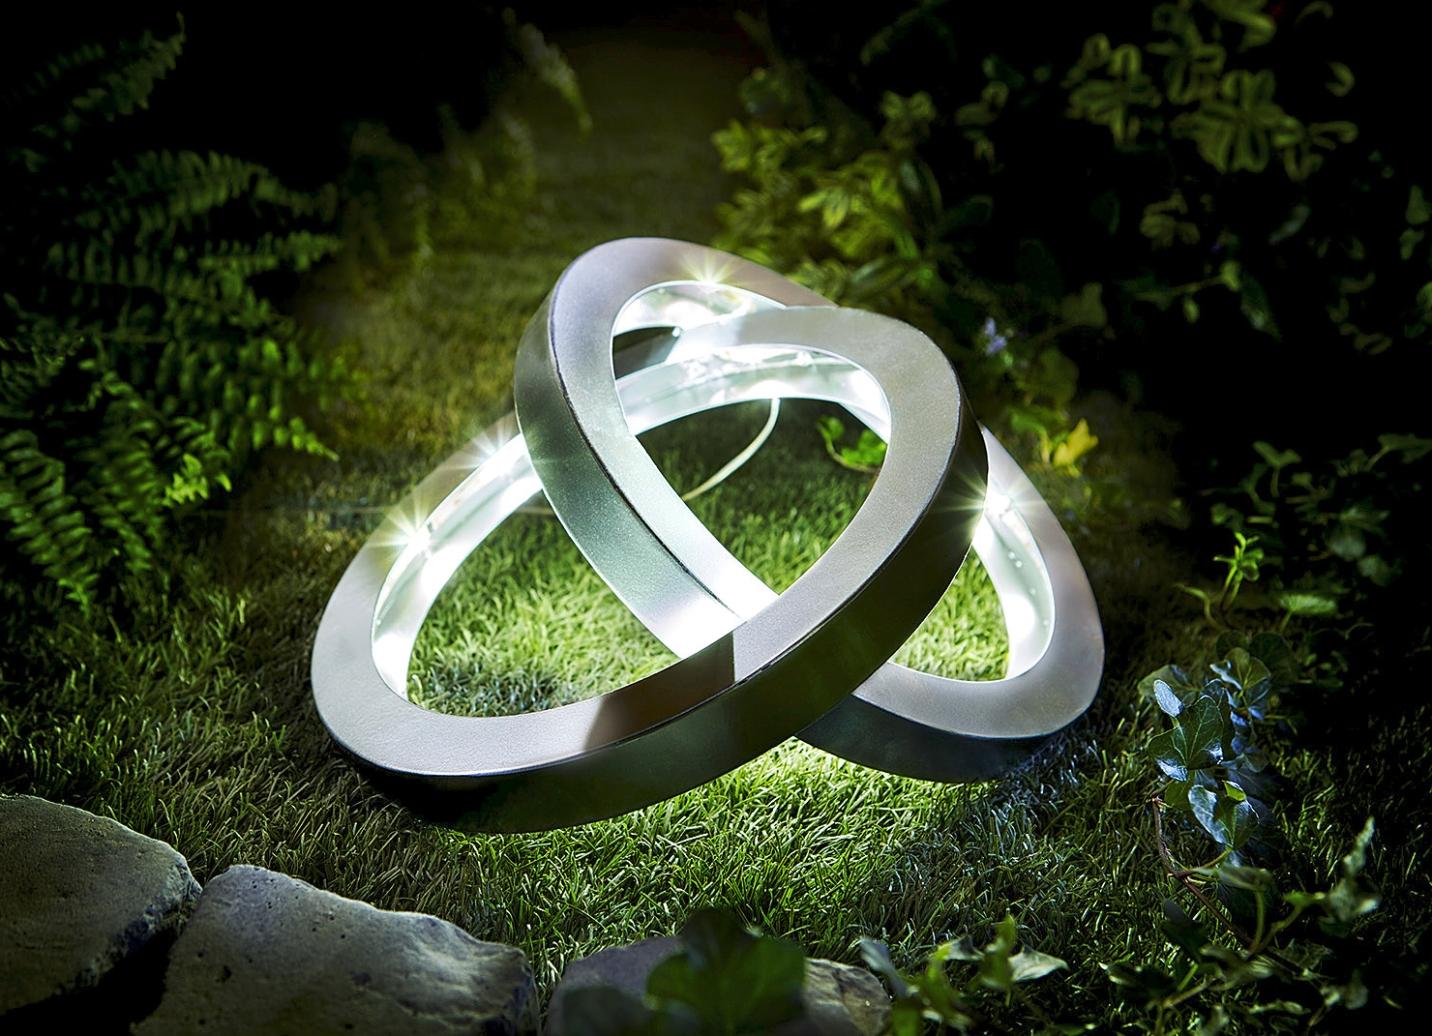 solar leuchte ringe gartenbeleuchtung bader. Black Bedroom Furniture Sets. Home Design Ideas